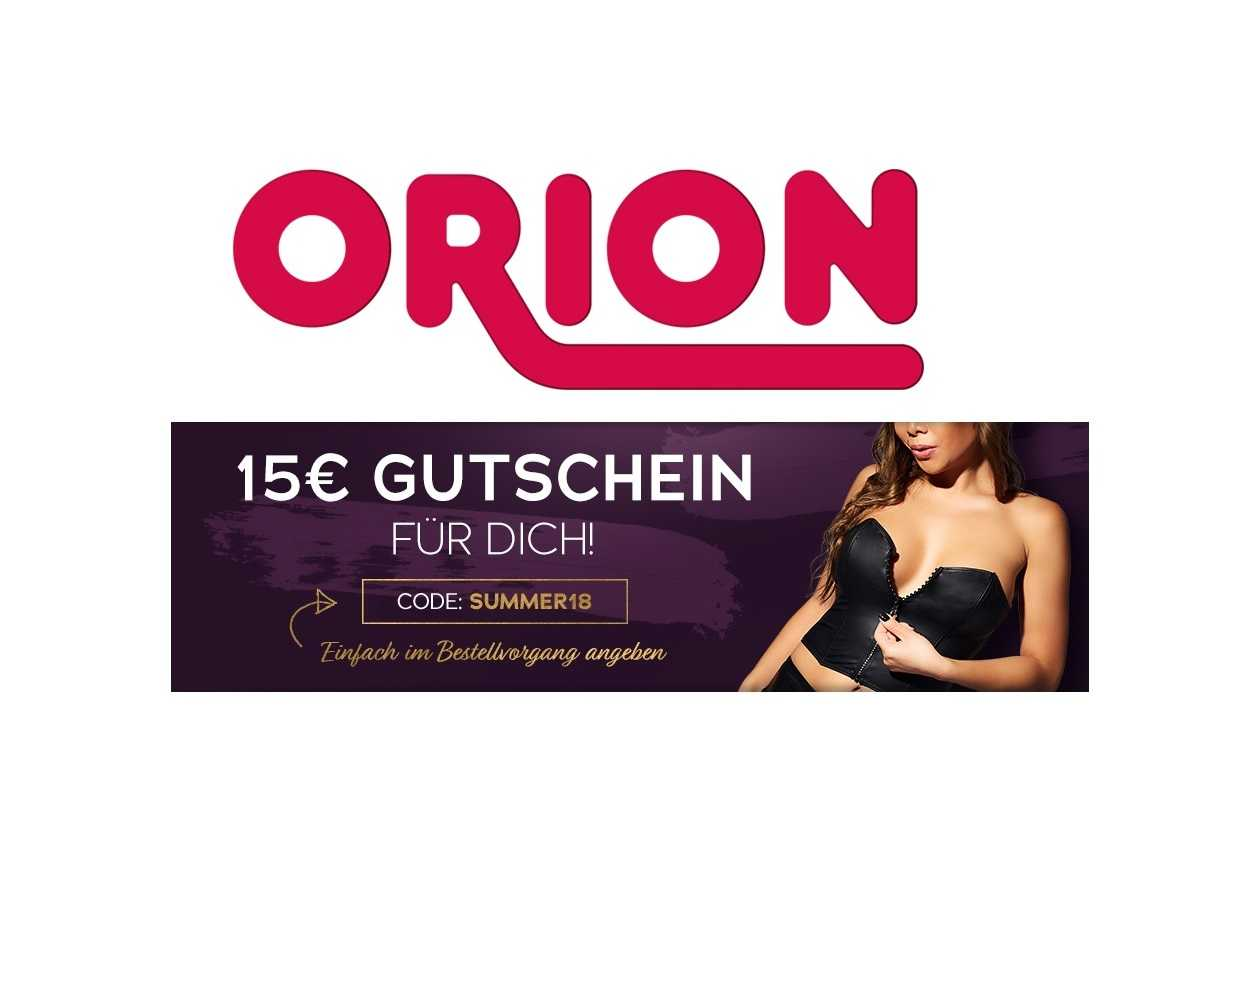 Gutschein Orion